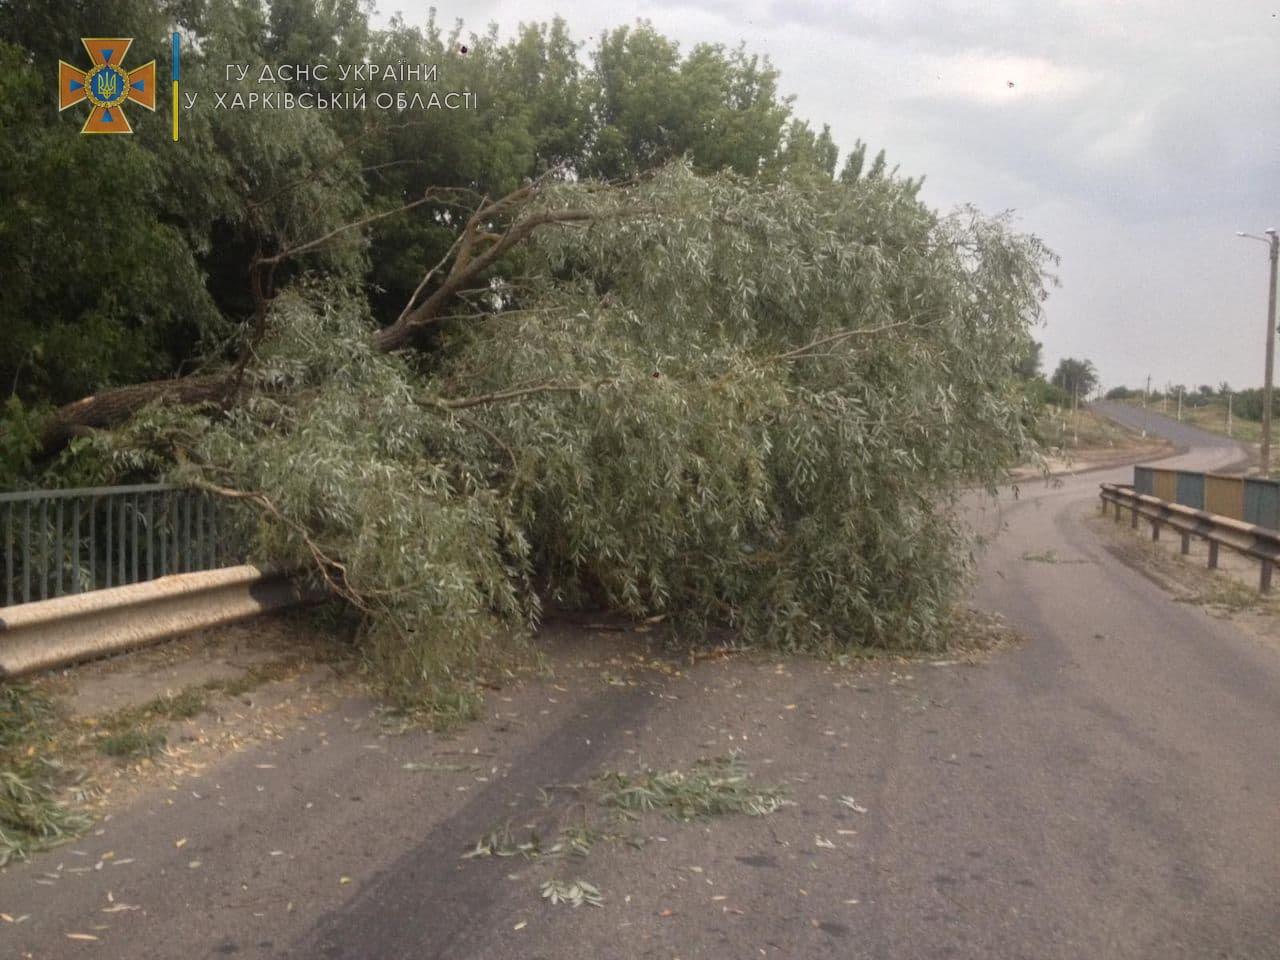 На Харьковщины упавшие деревья перегородили дорогу